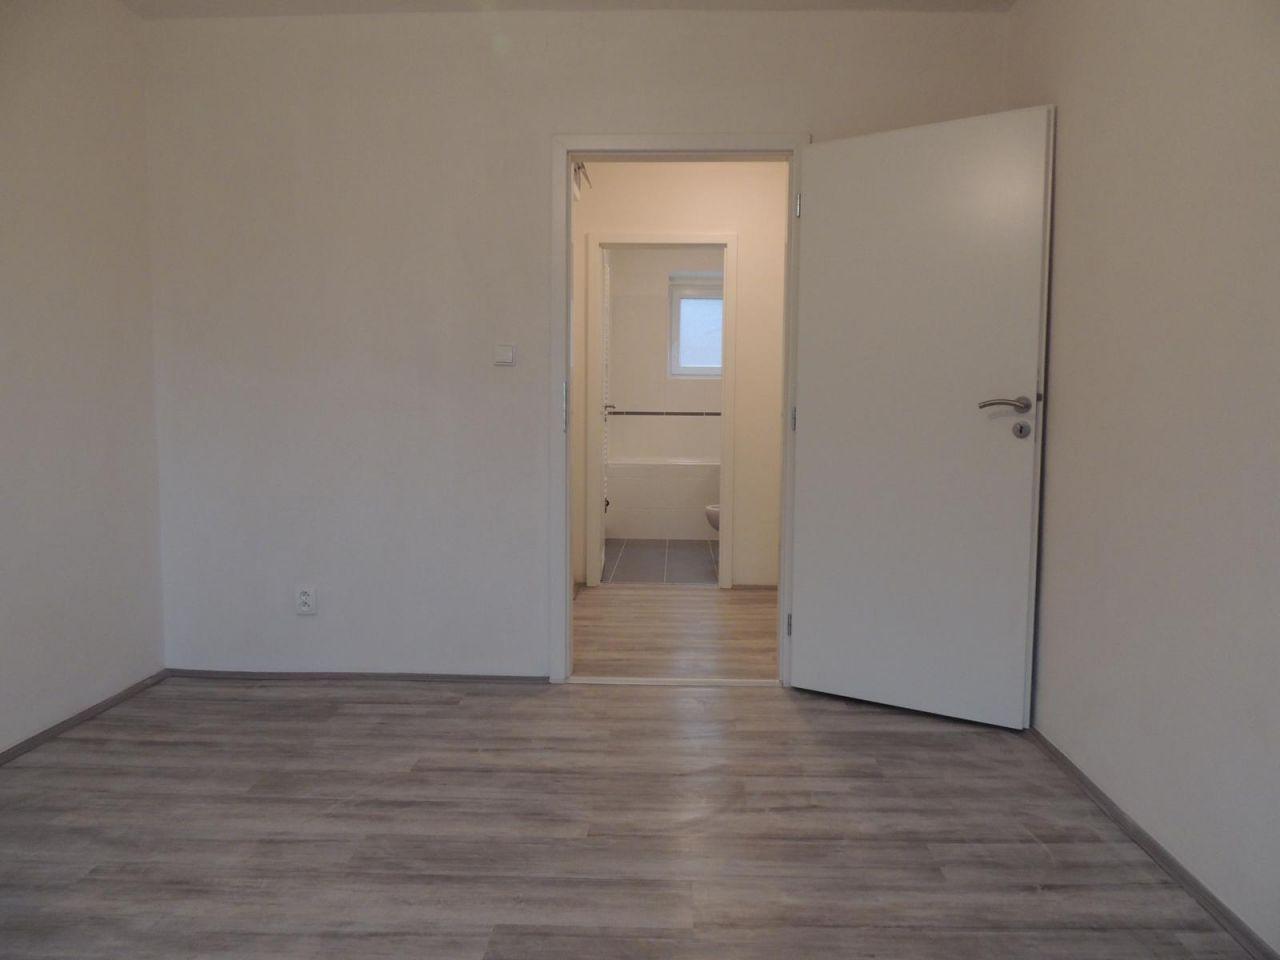 Pronájem bytu 2+1 48 m2, ul. Glazkovova 1671/8, Ostrava - Zábřeh